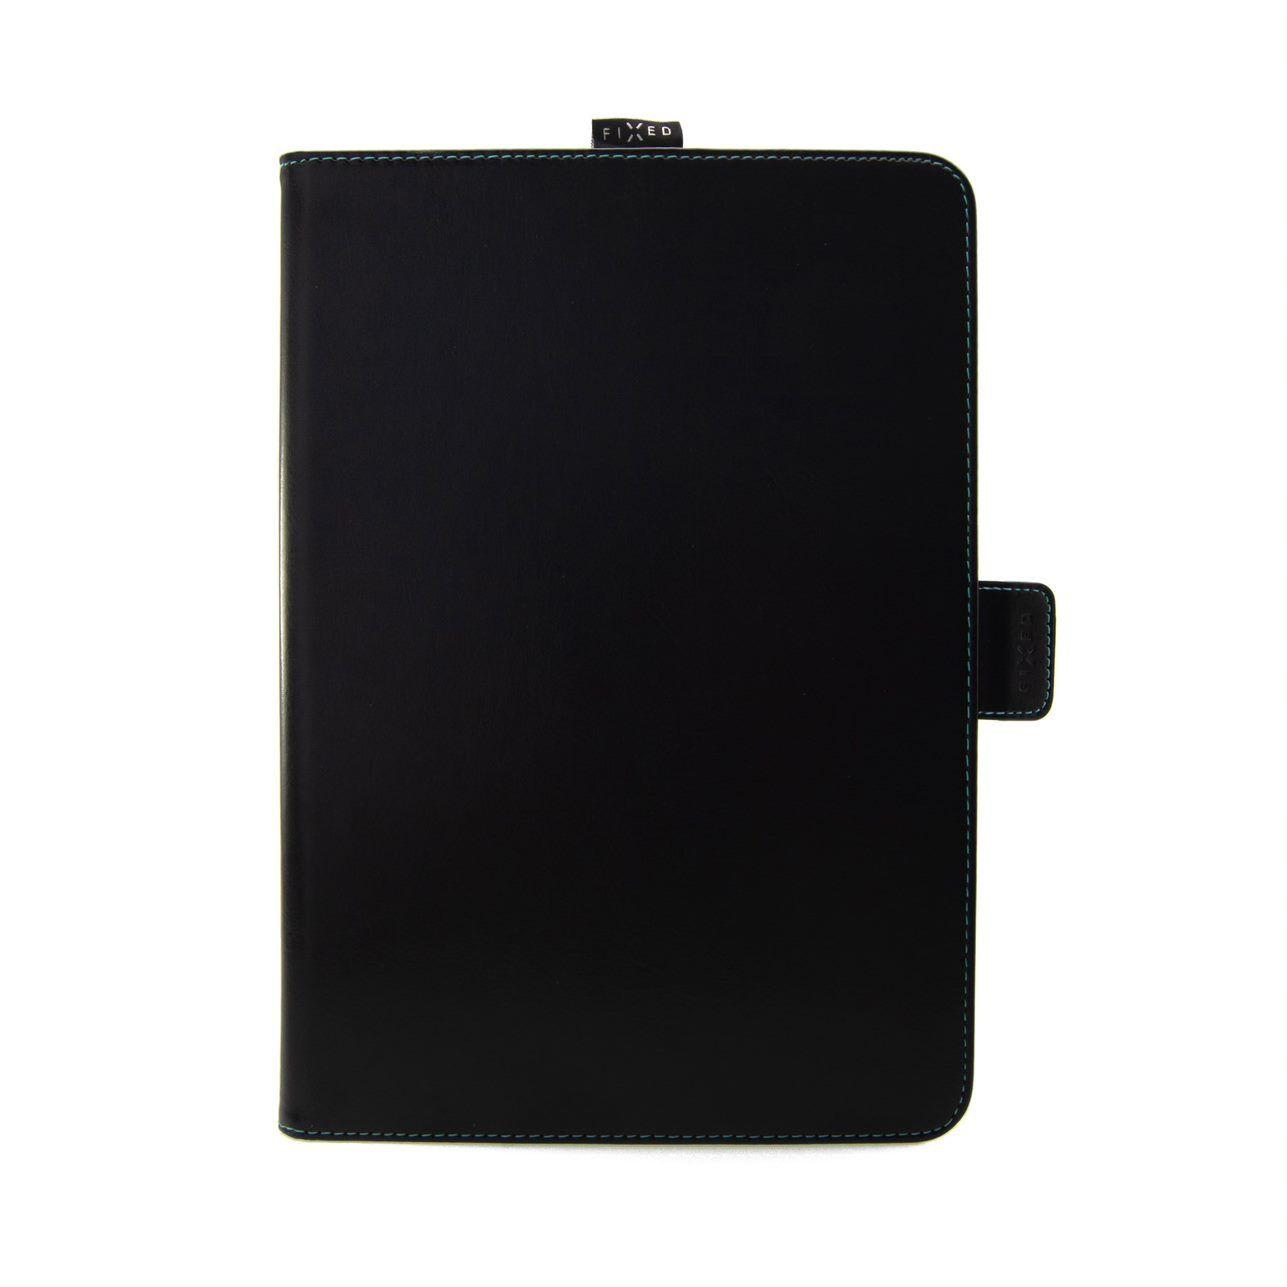 """Pouzdro pro 10,1"""" tablety FIXED Novel se stojánkem a kapsou pro stylus, PU kůže, černé"""